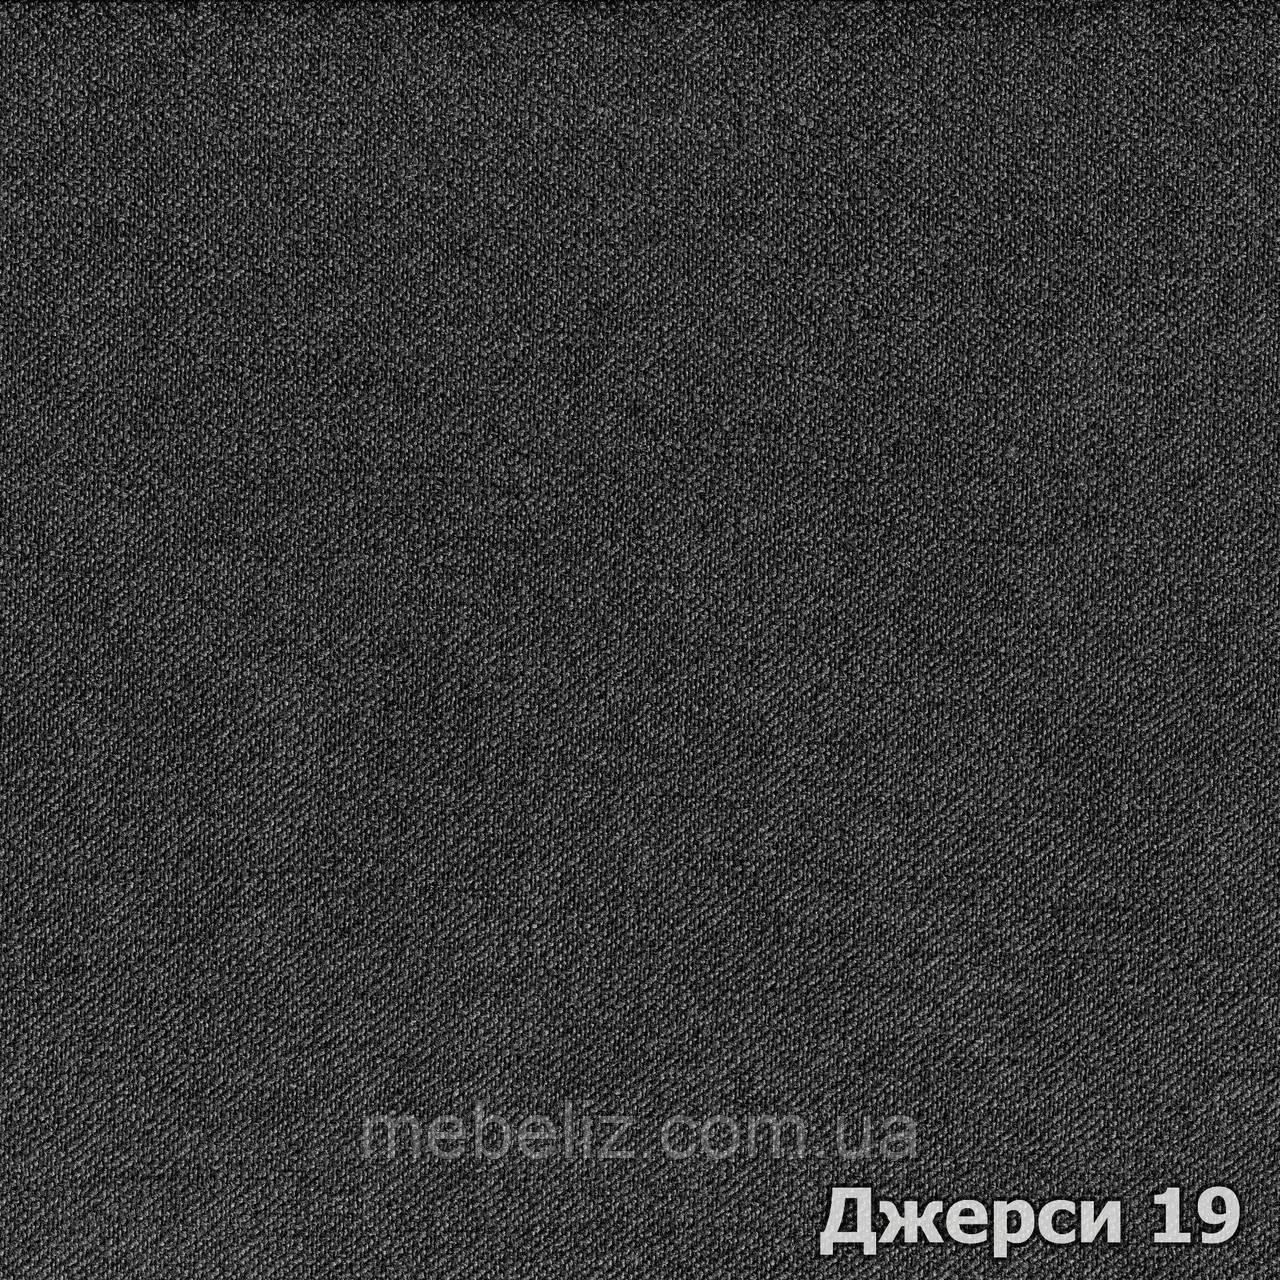 Ткань мебельная обивочная Джерси 19